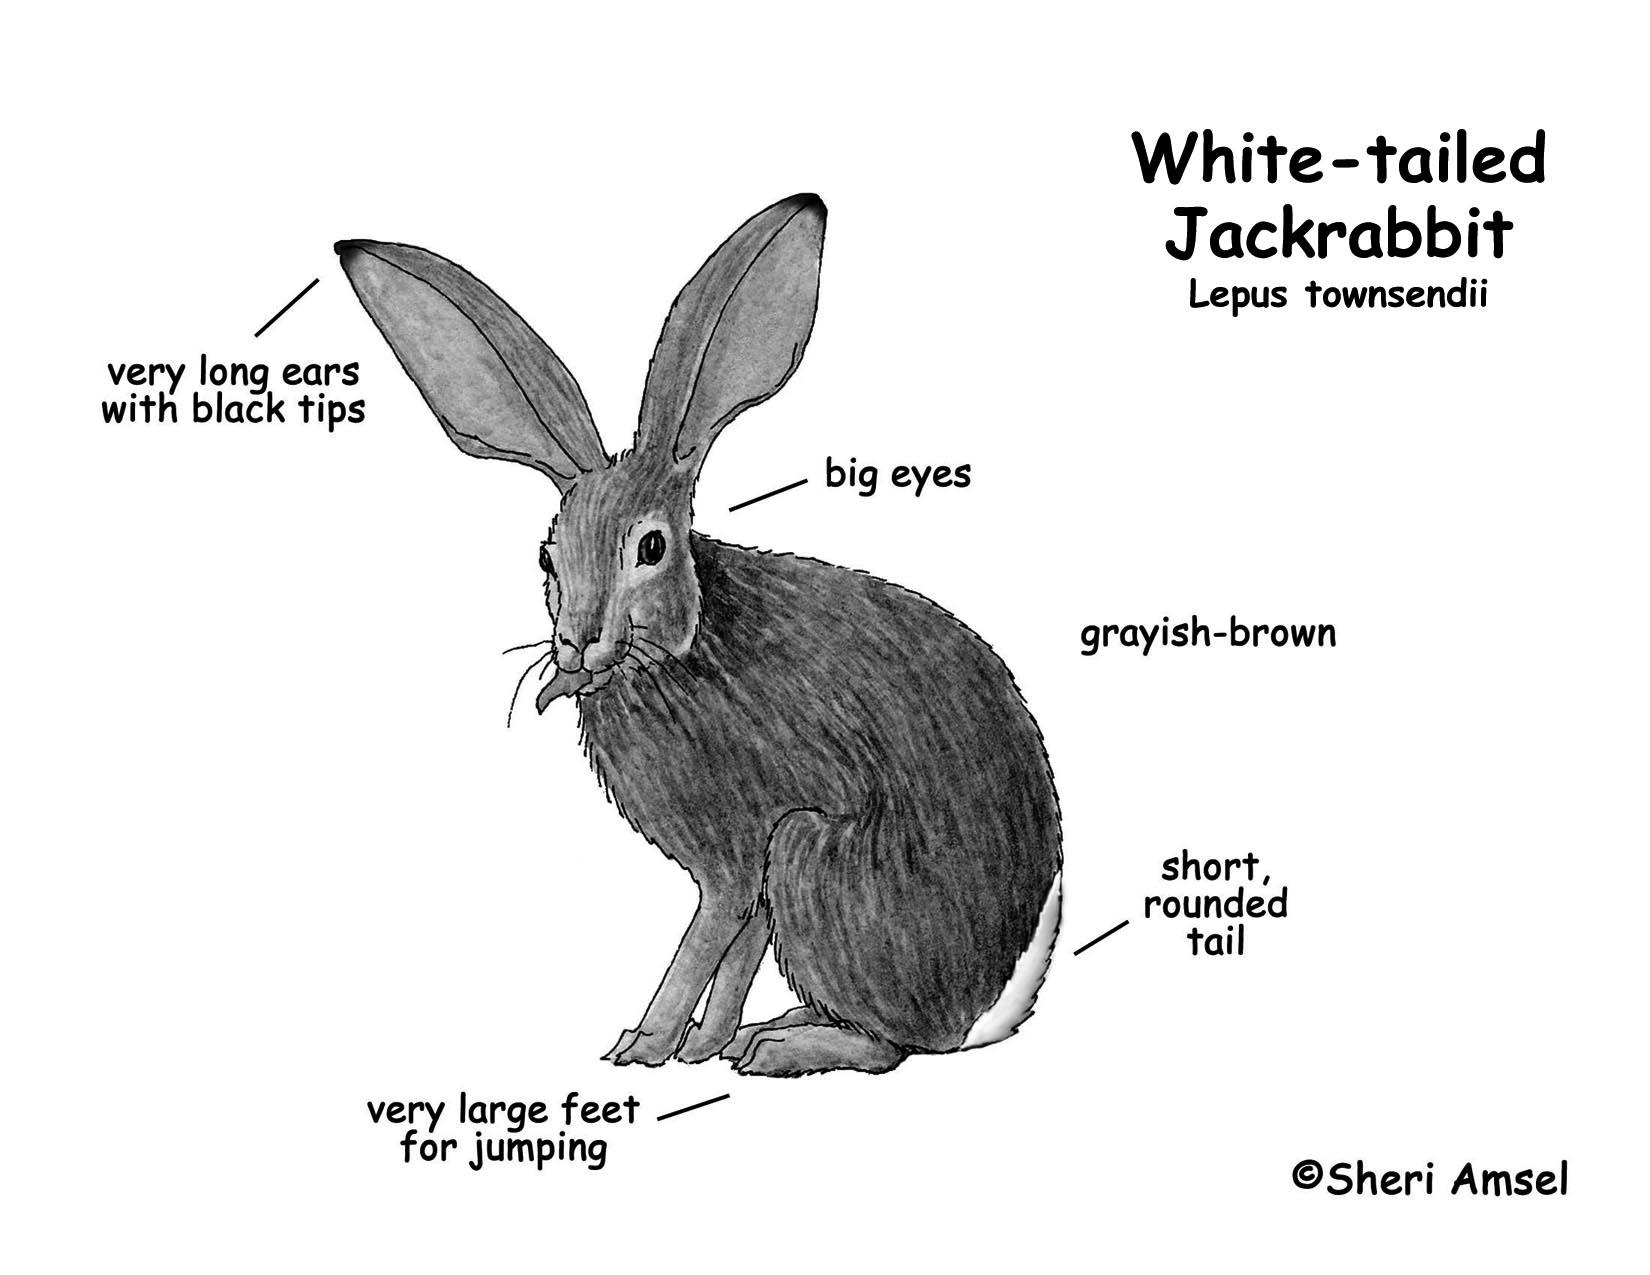 Jackrabbit White Tailed